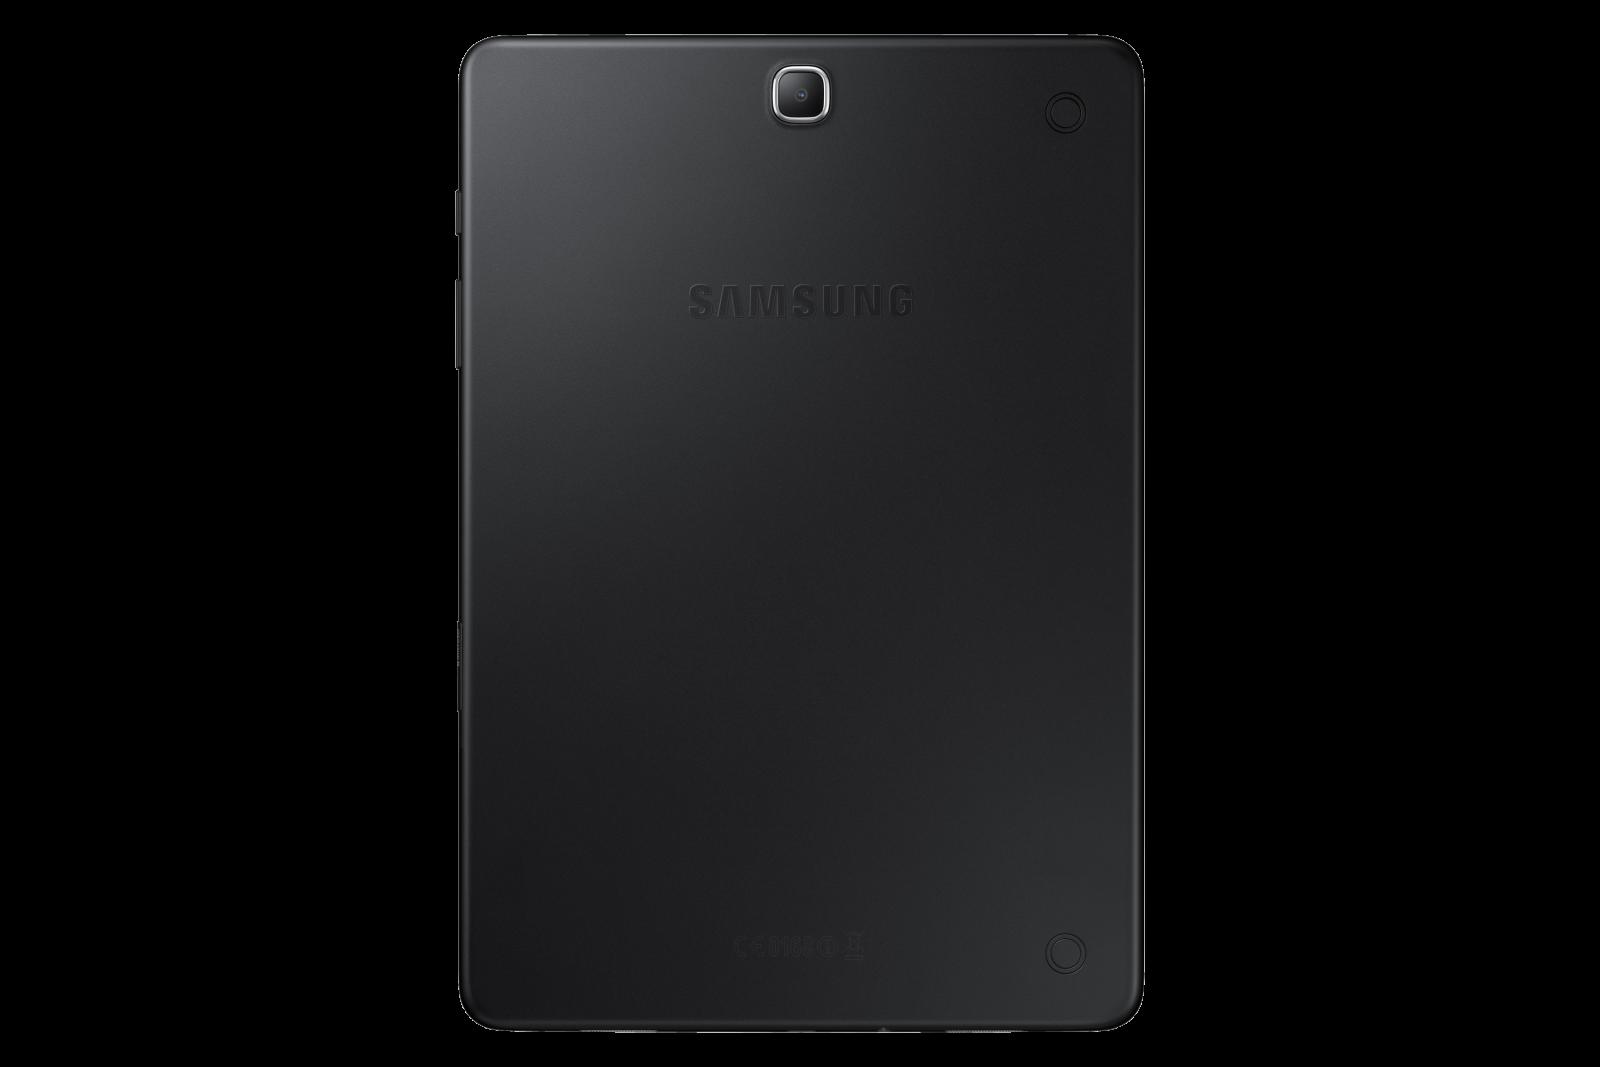 SM-T550_002_Back_Black